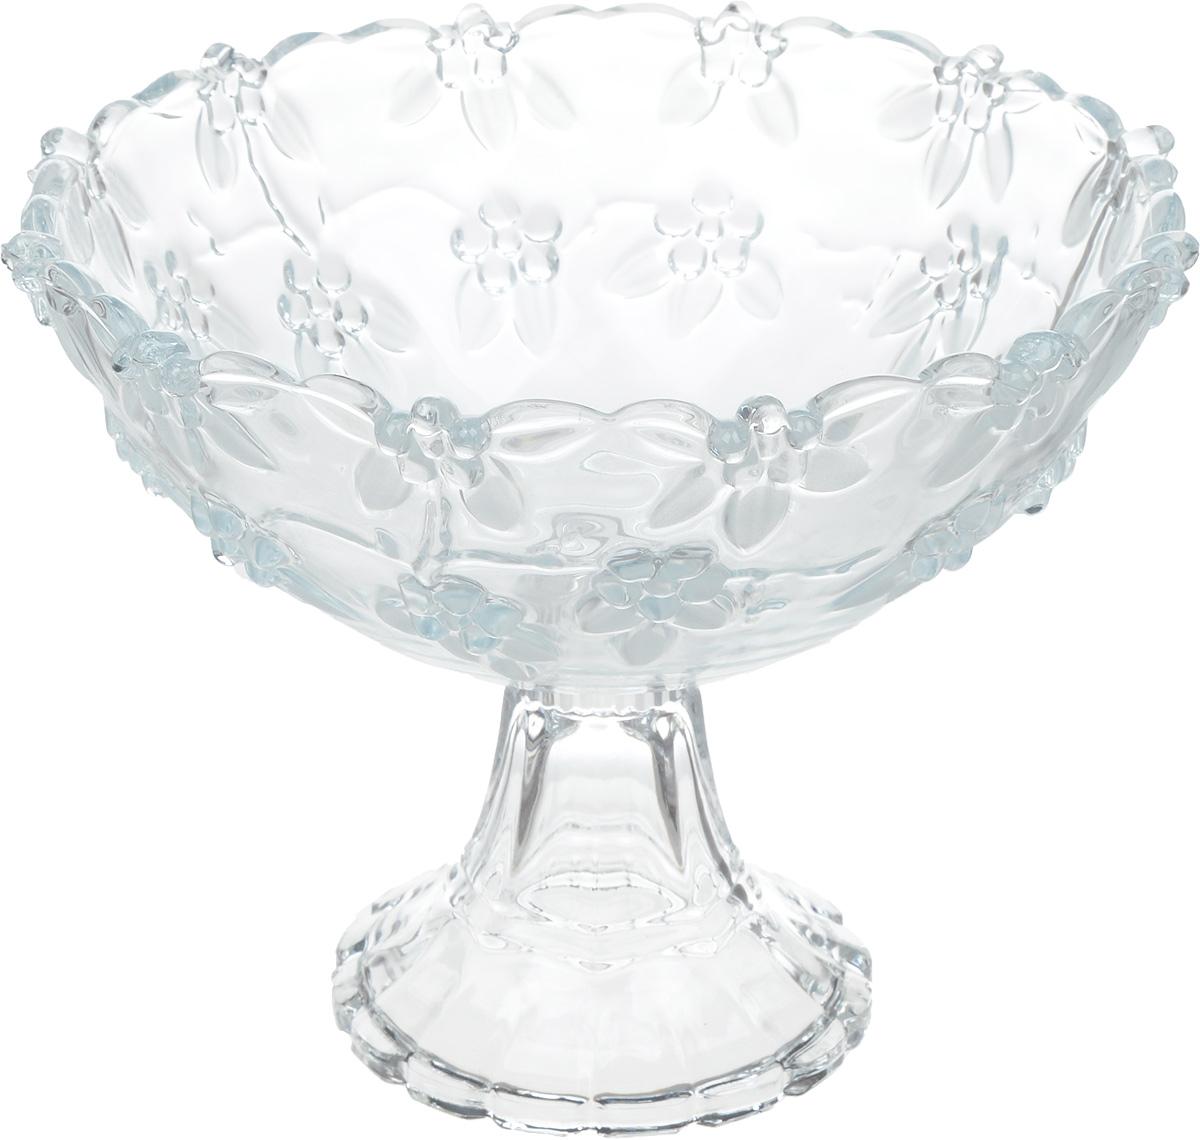 Салатник Isfahan Karen, на ножке, диаметр 22 см810712Салатник изготовлен из стекла, прекрасно подойдет для подачи различных блюд: закусок, салатов или фруктов.Такой салатник украсит ваш праздничный или обеденный стол, а оригинальный дизайн придется по вкусу и ценителям классики, и тем, кто предпочитает утонченность и изысканность.